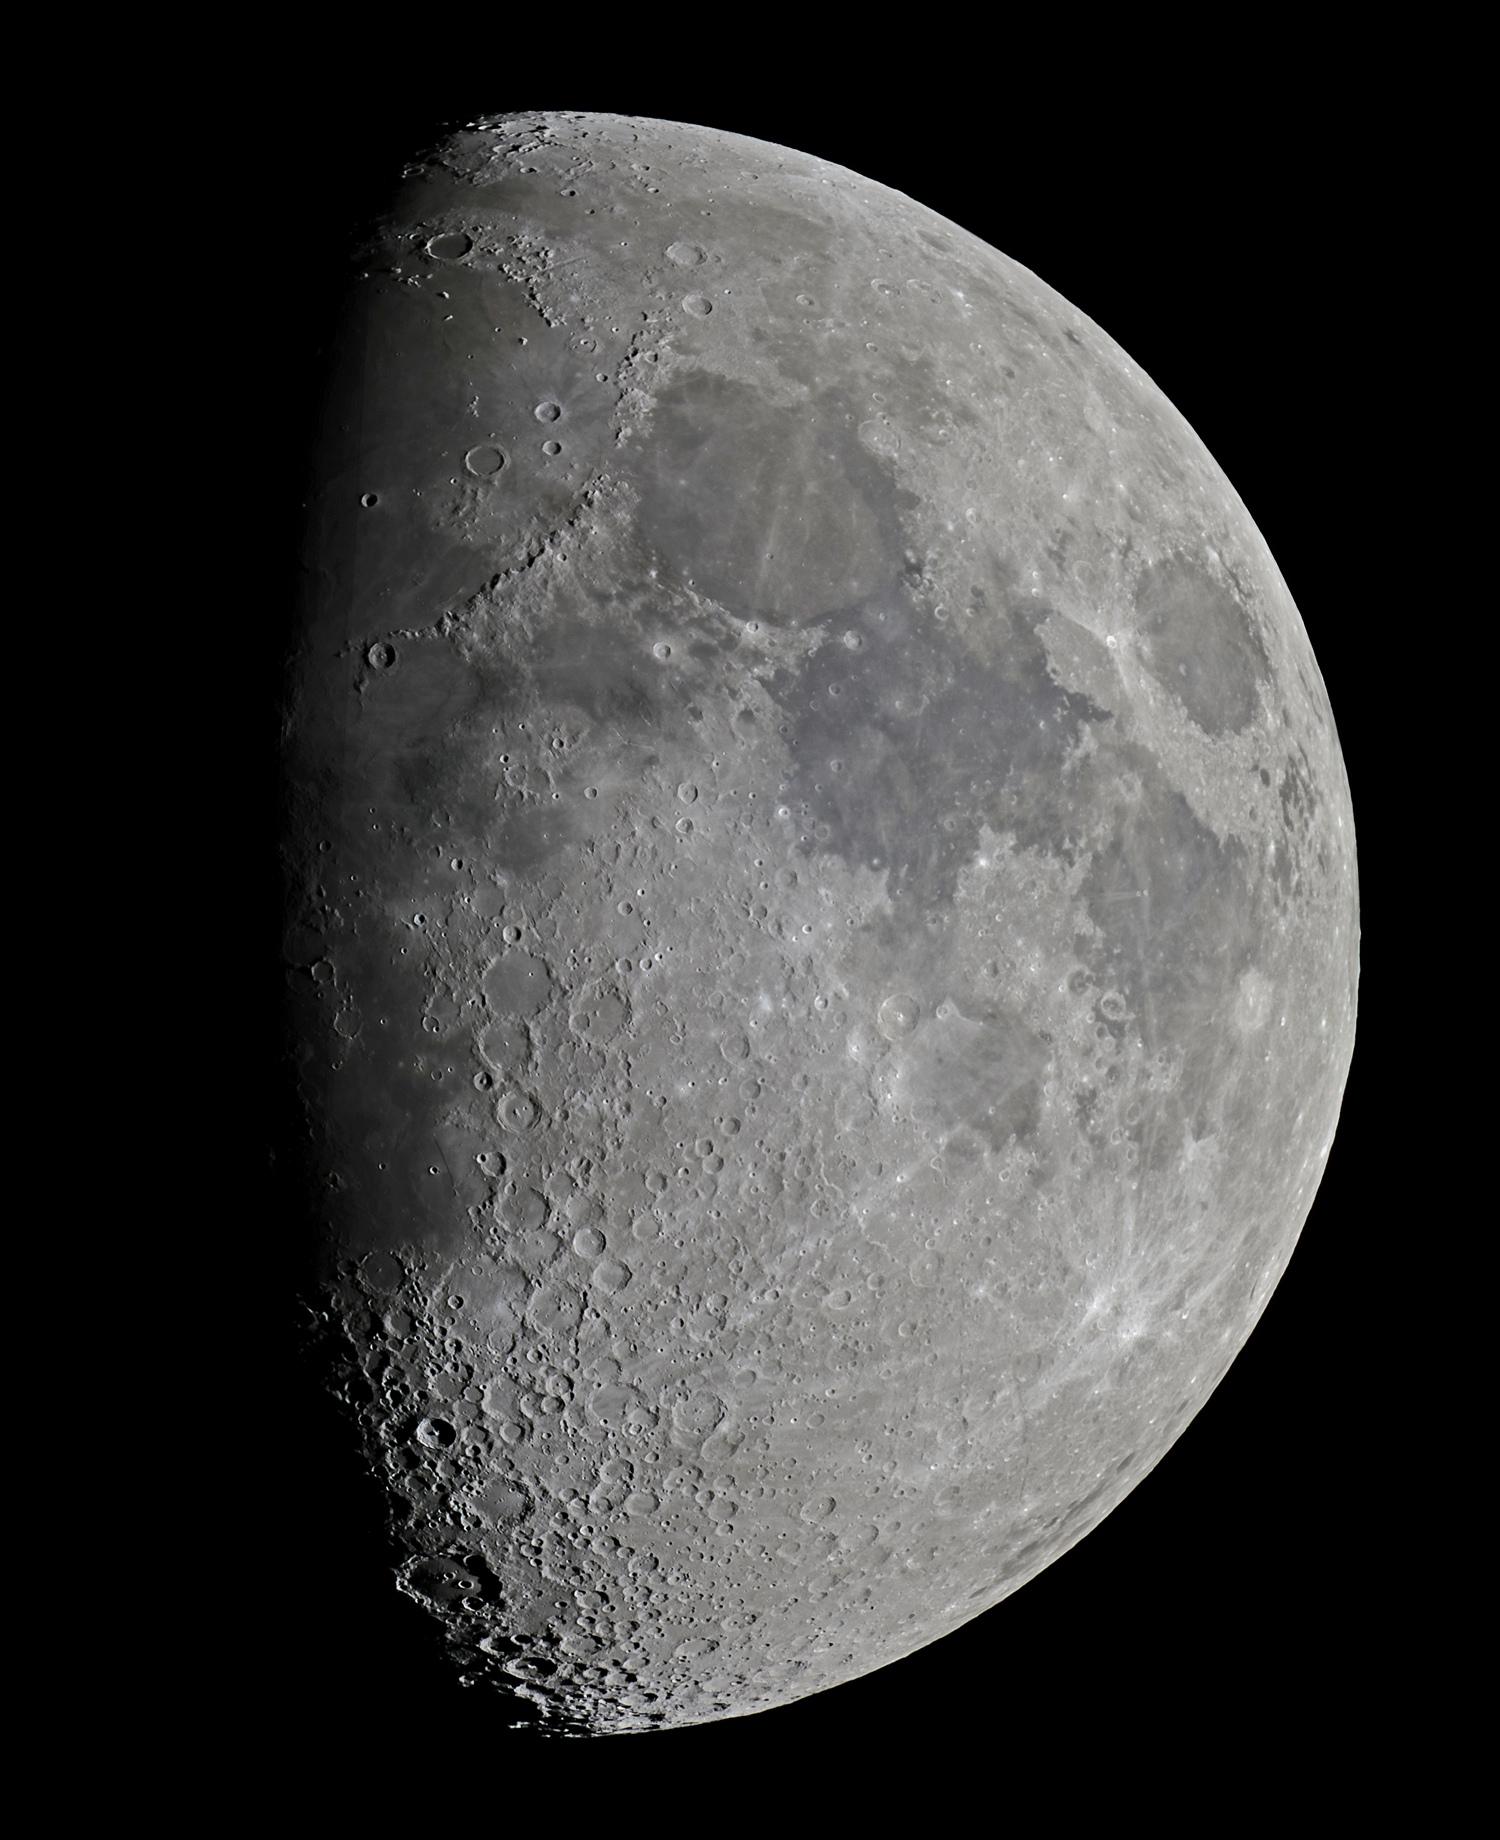 lune290620forum.jpg.7b309f59dab68e7415a81b0408ffb45e.jpg